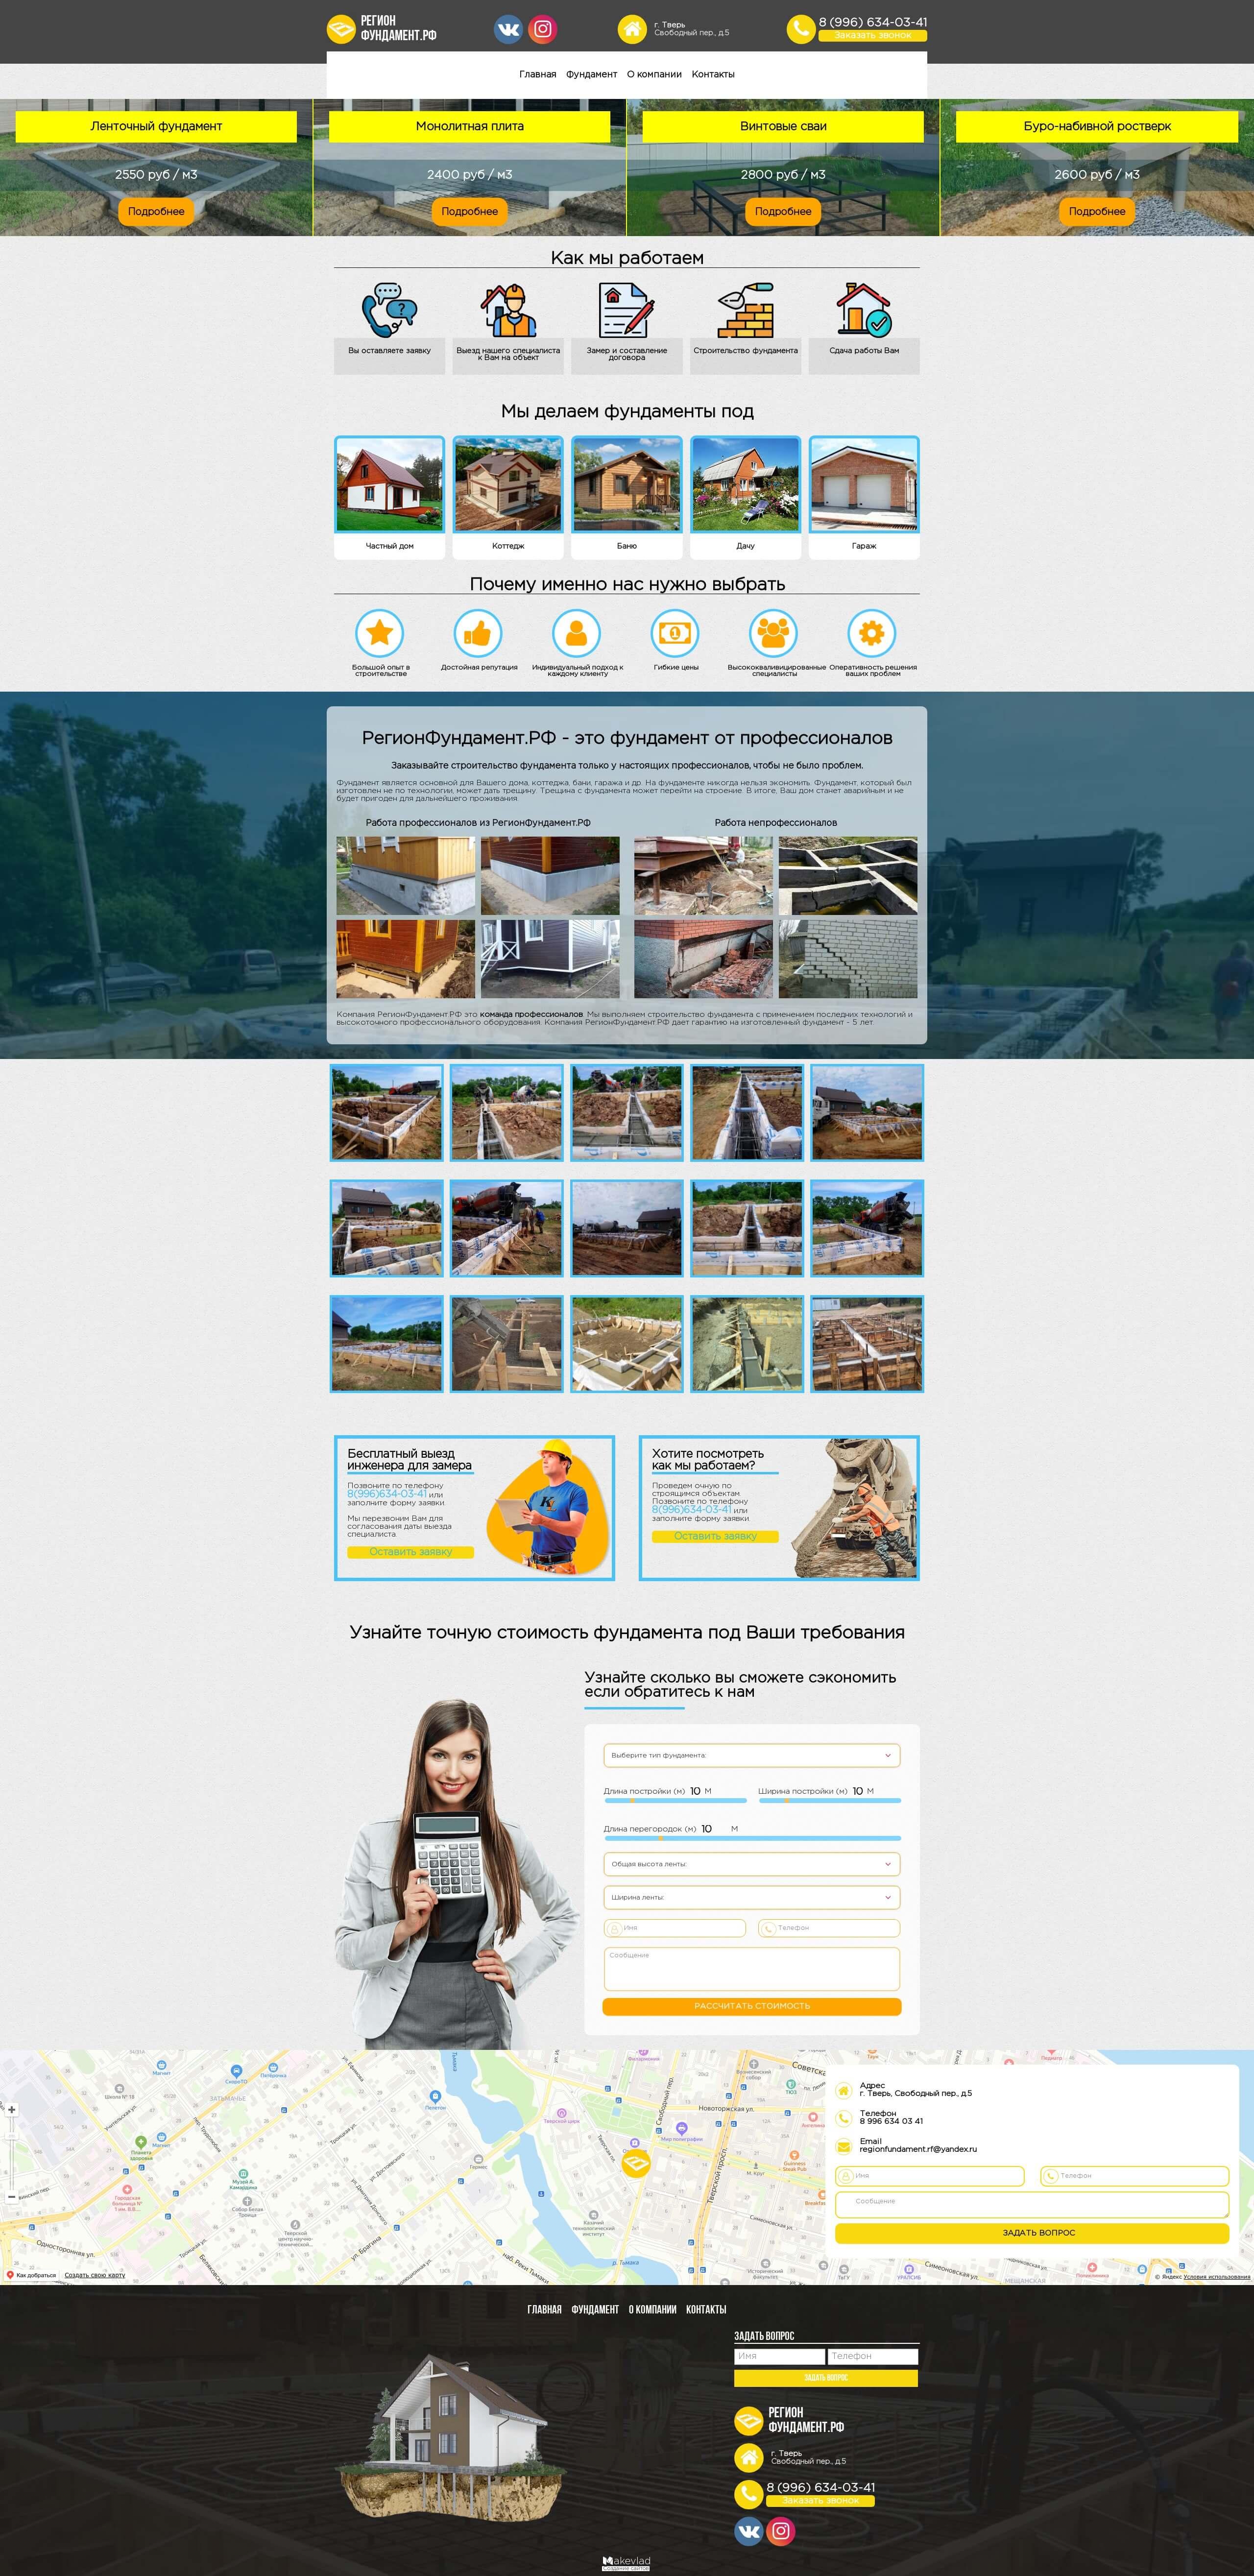 Скриншот №1 страницы сайта во весь экран. Бизнес сайт для РегионФундамент